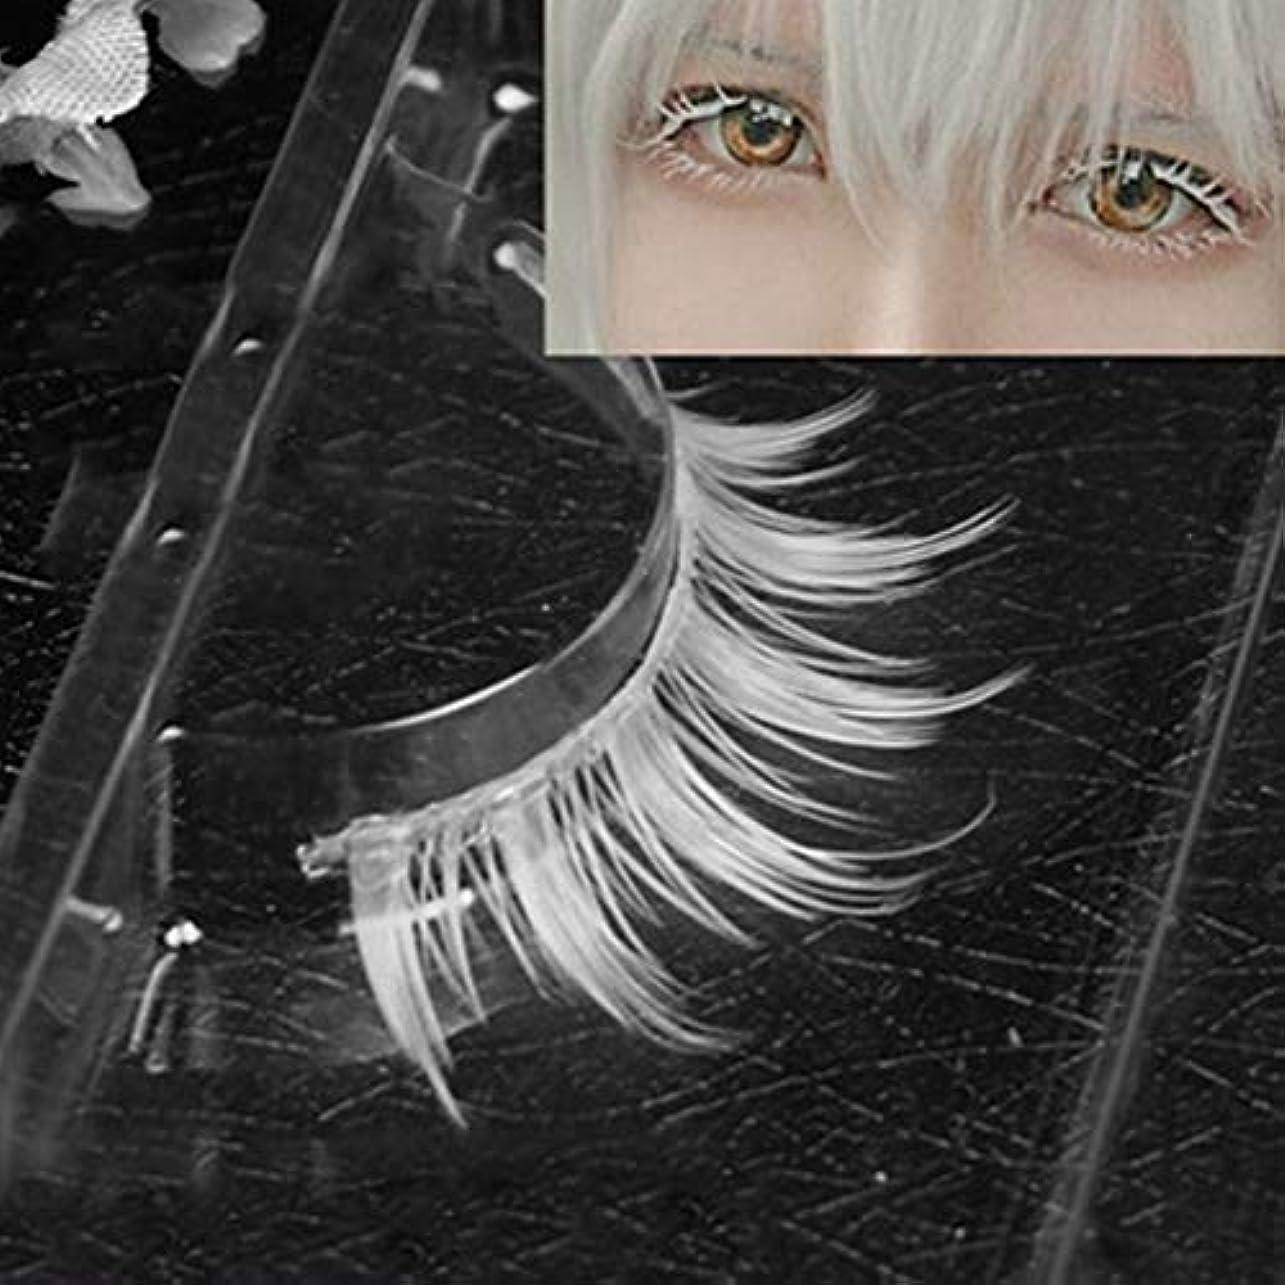 核簿記係朝の体操をするMurakush 偽まつげ 1ペア/セット ホワイト 合成繊維 カーリング 厚い 3D ナチュラル ロング 手作り 女性 レディーズ ファッション コスプレ 仮装 目 メイクアップ 美容院 サロン ツール